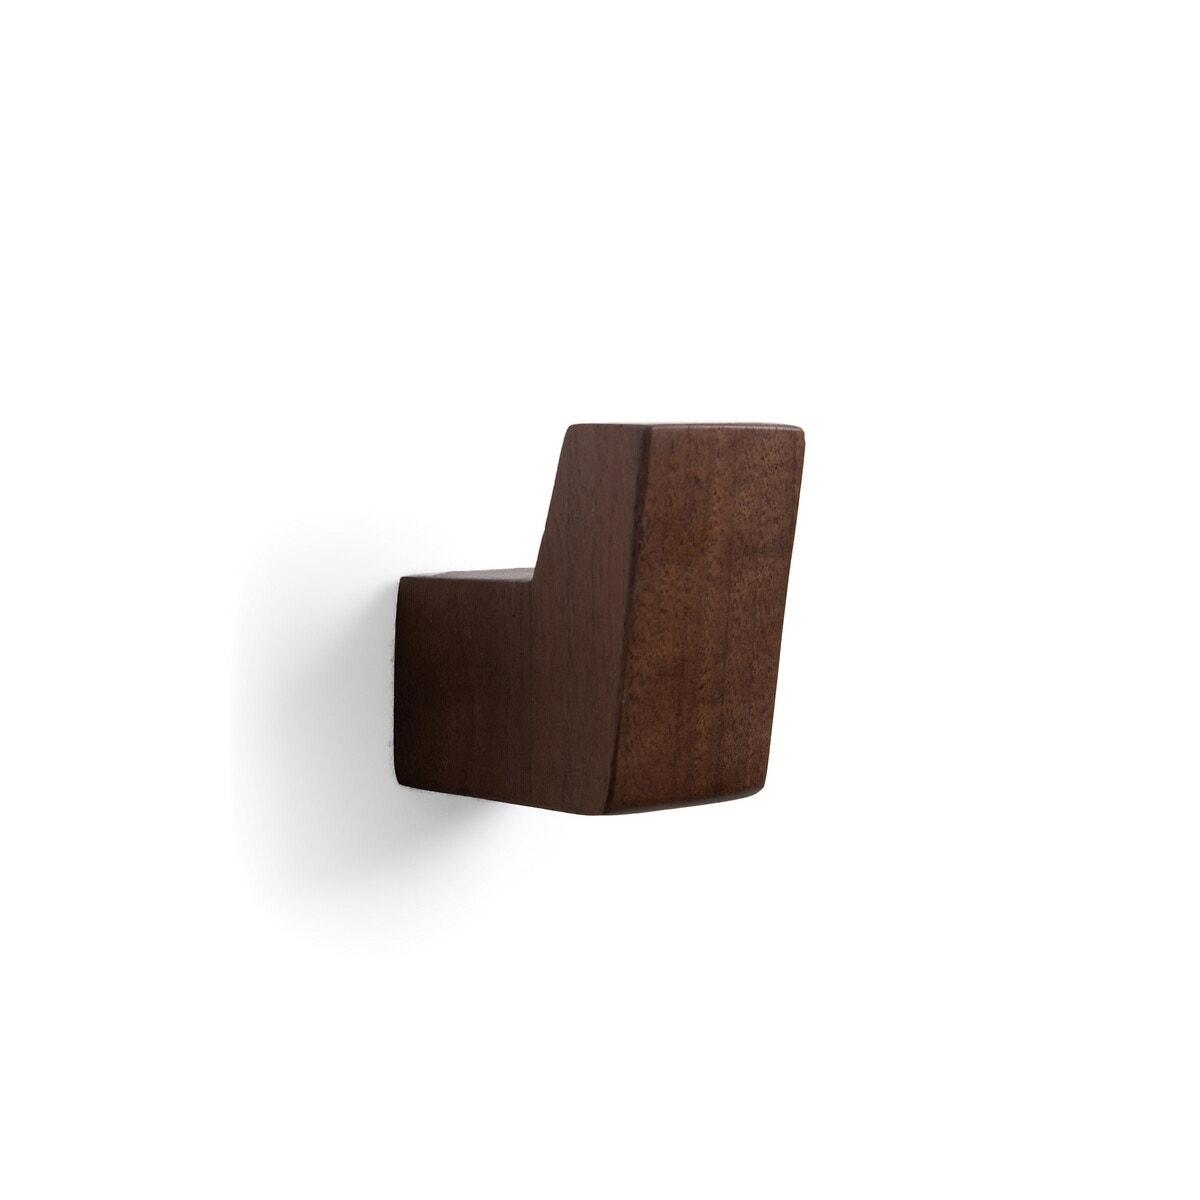 Κρεμάστρα από μασίφ ξύλο, Timon